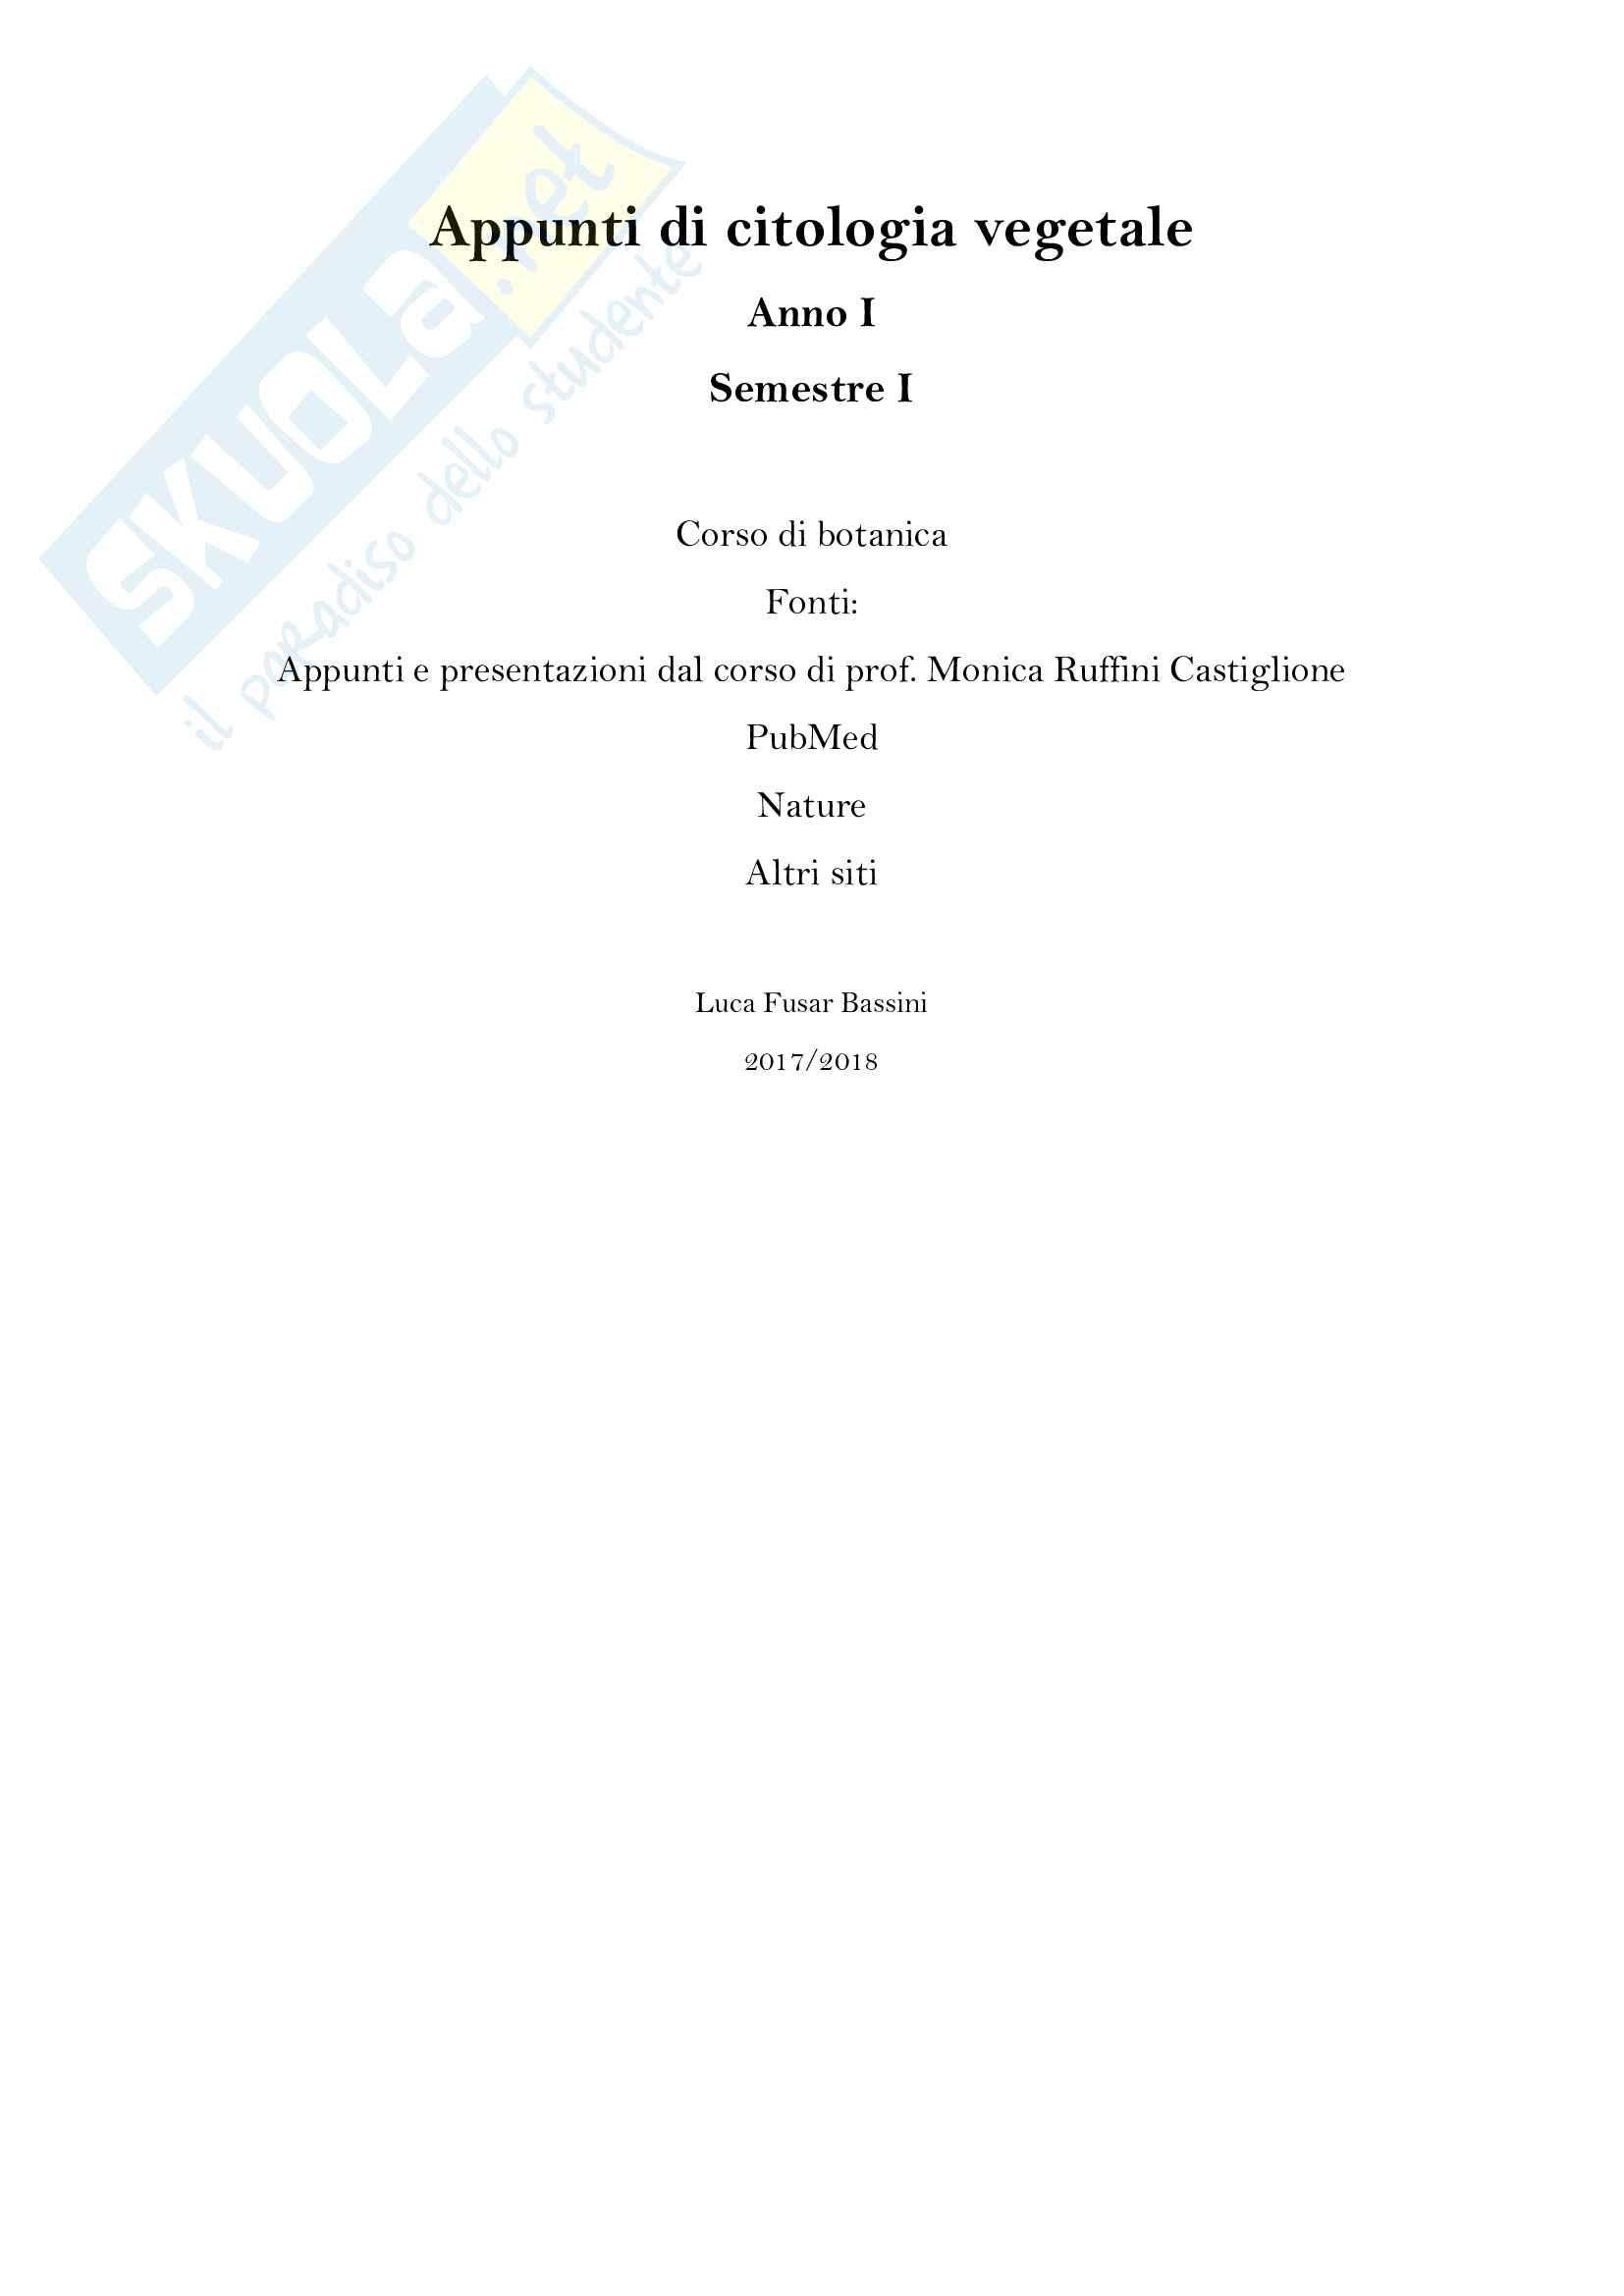 Appunti di Citologia vegetale, anno I, semestre I